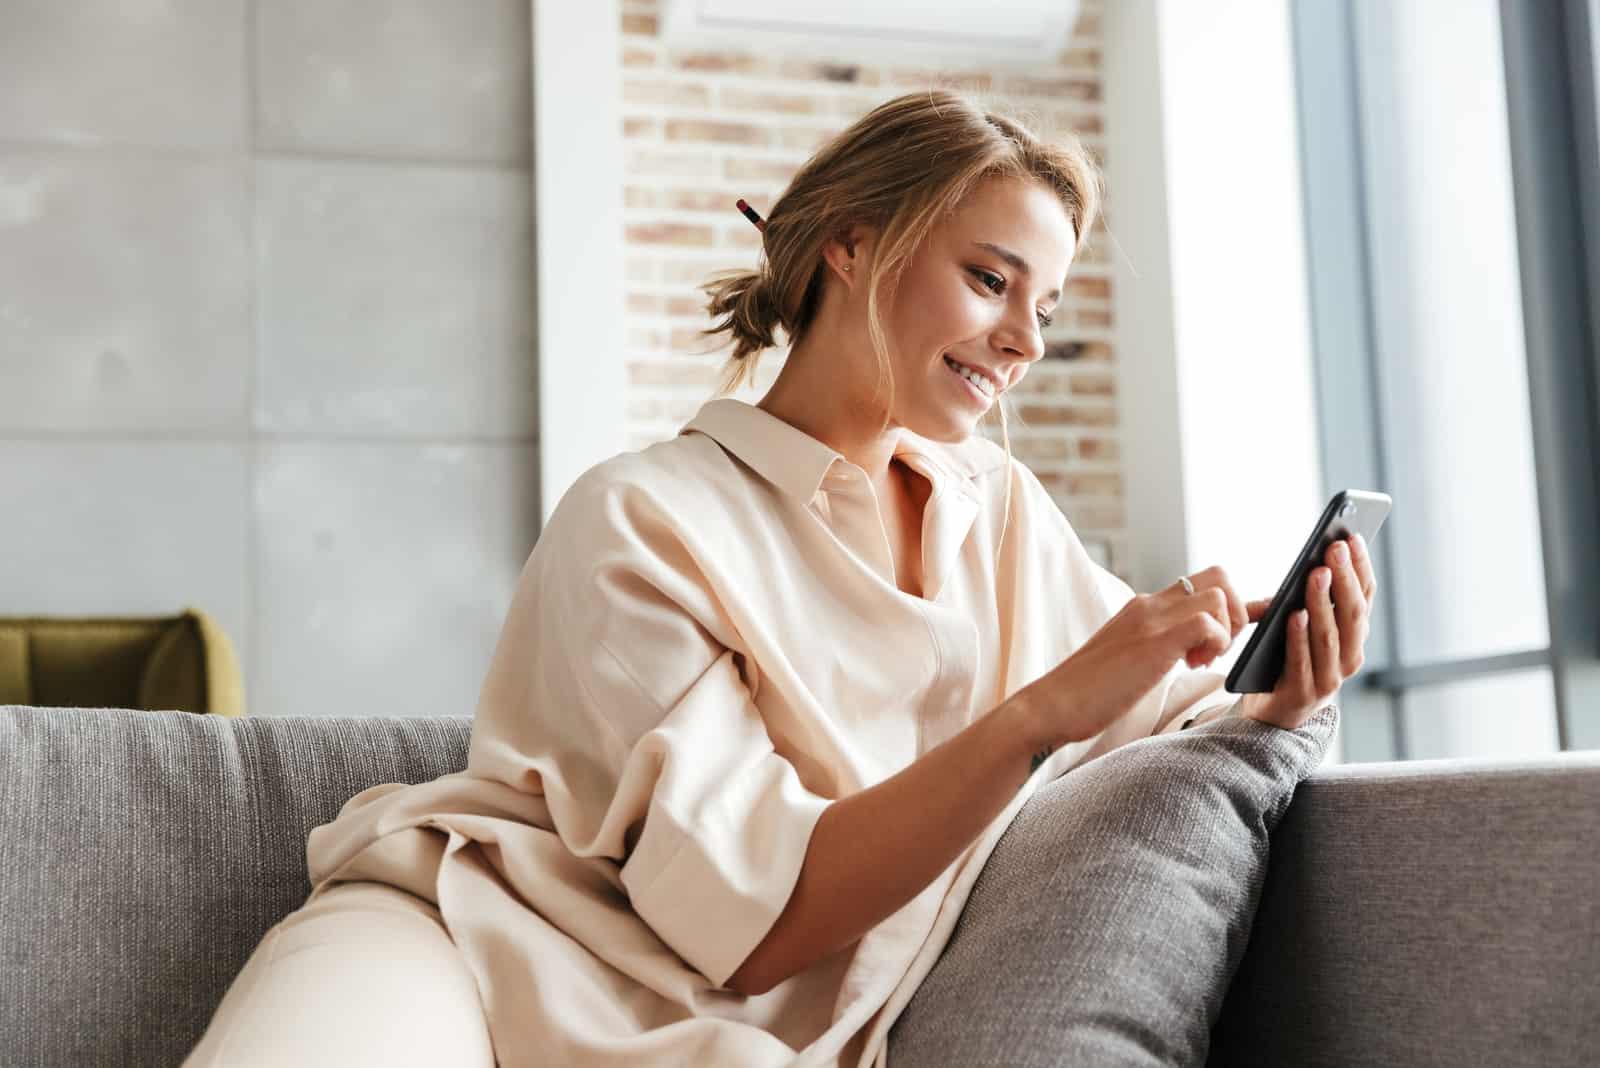 Une femme aux cheveux bruns souriante est assise sur le canapé et les touches du téléphone